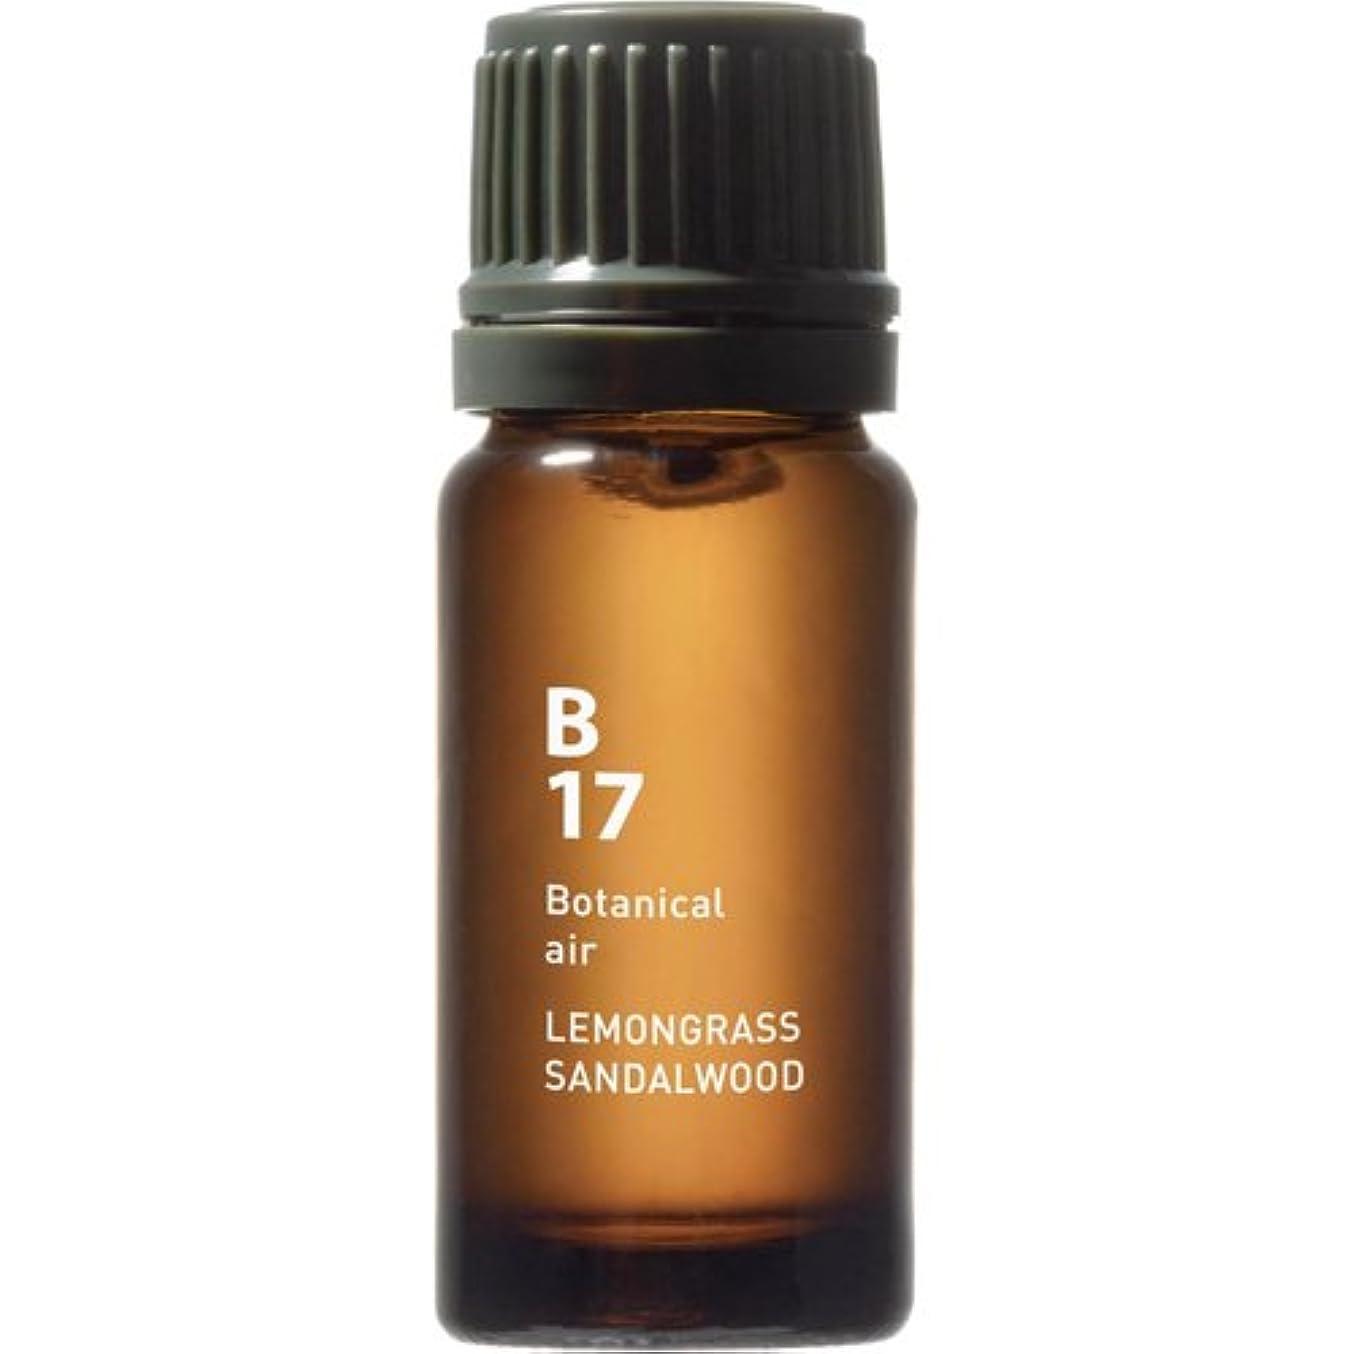 何かモンゴメリー愚かB17 レモングラスサンダルウッド Botanical air(ボタニカルエアー) 10ml